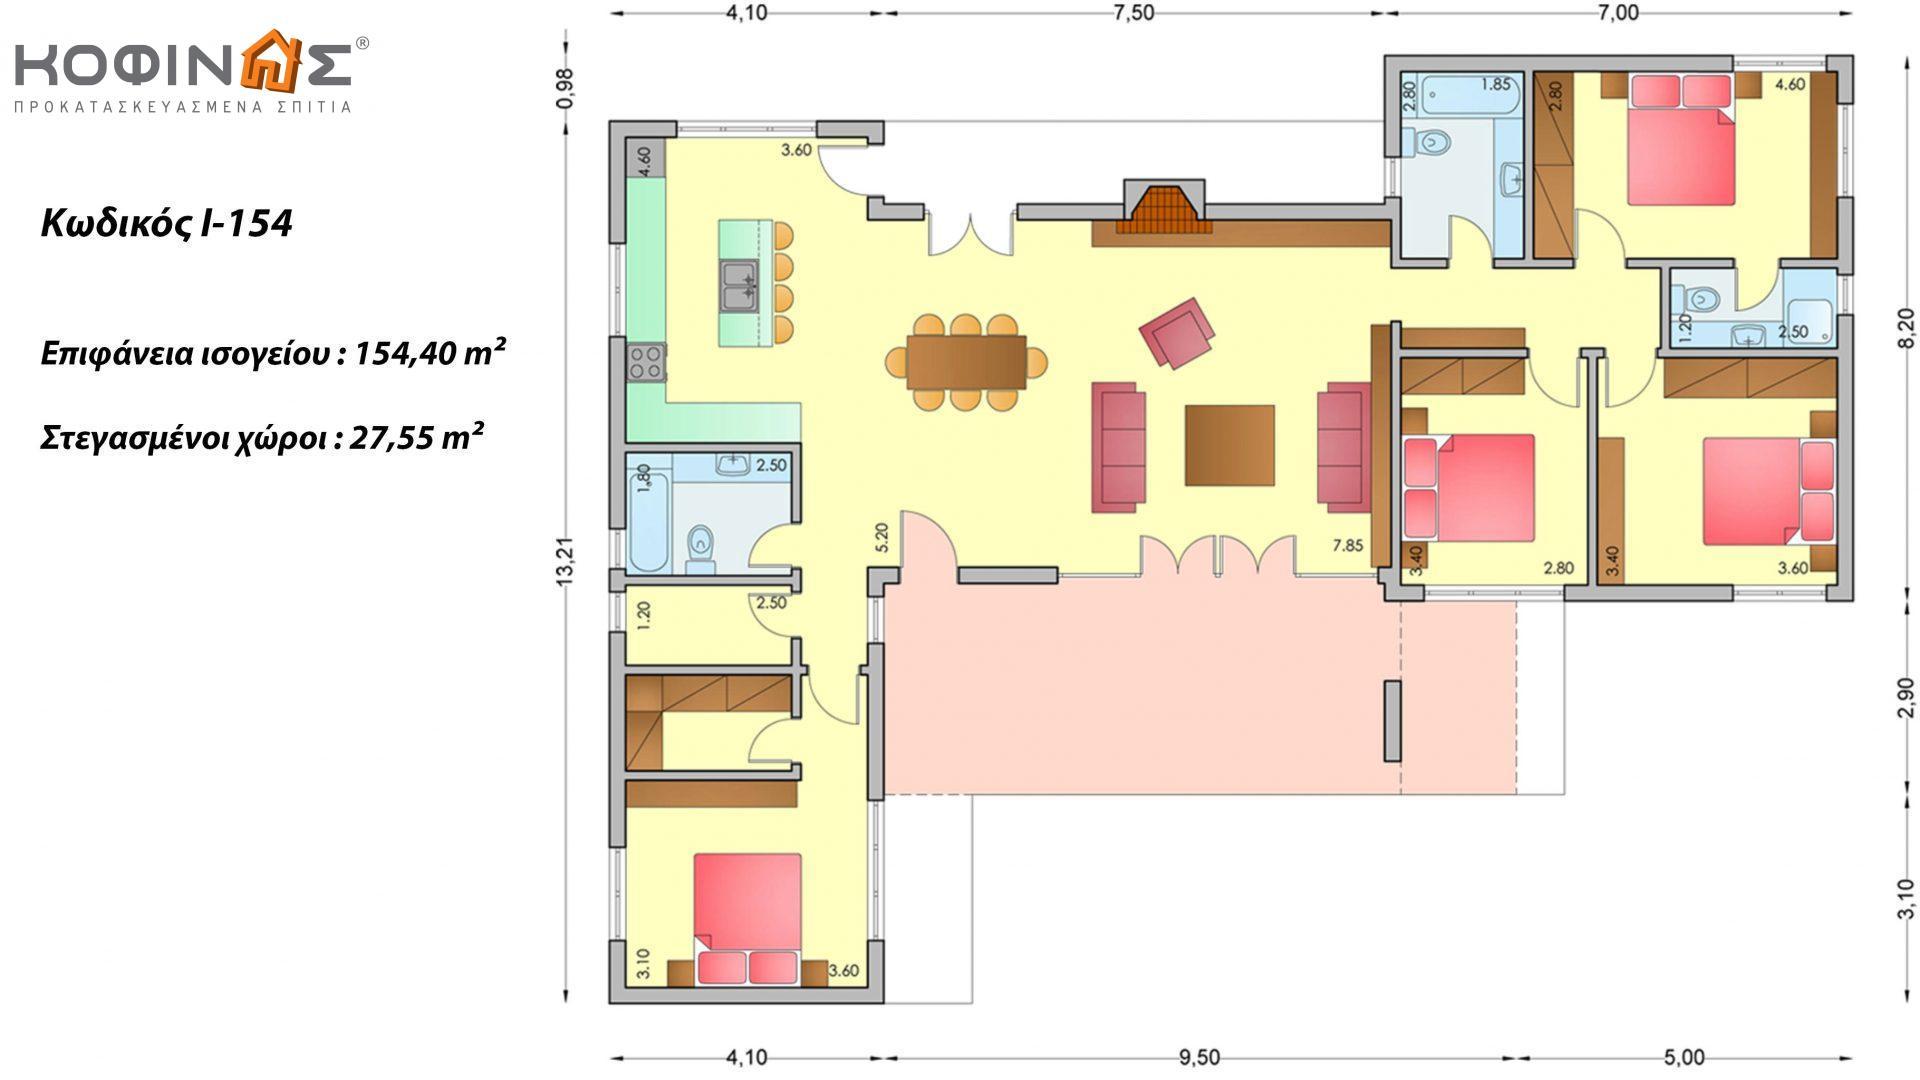 Ισόγεια Κατοικία I-154, συνολικής επιφάνειας 154,40 τ.μ., στεγασμένοι χώροι 27,55 τ.μ.